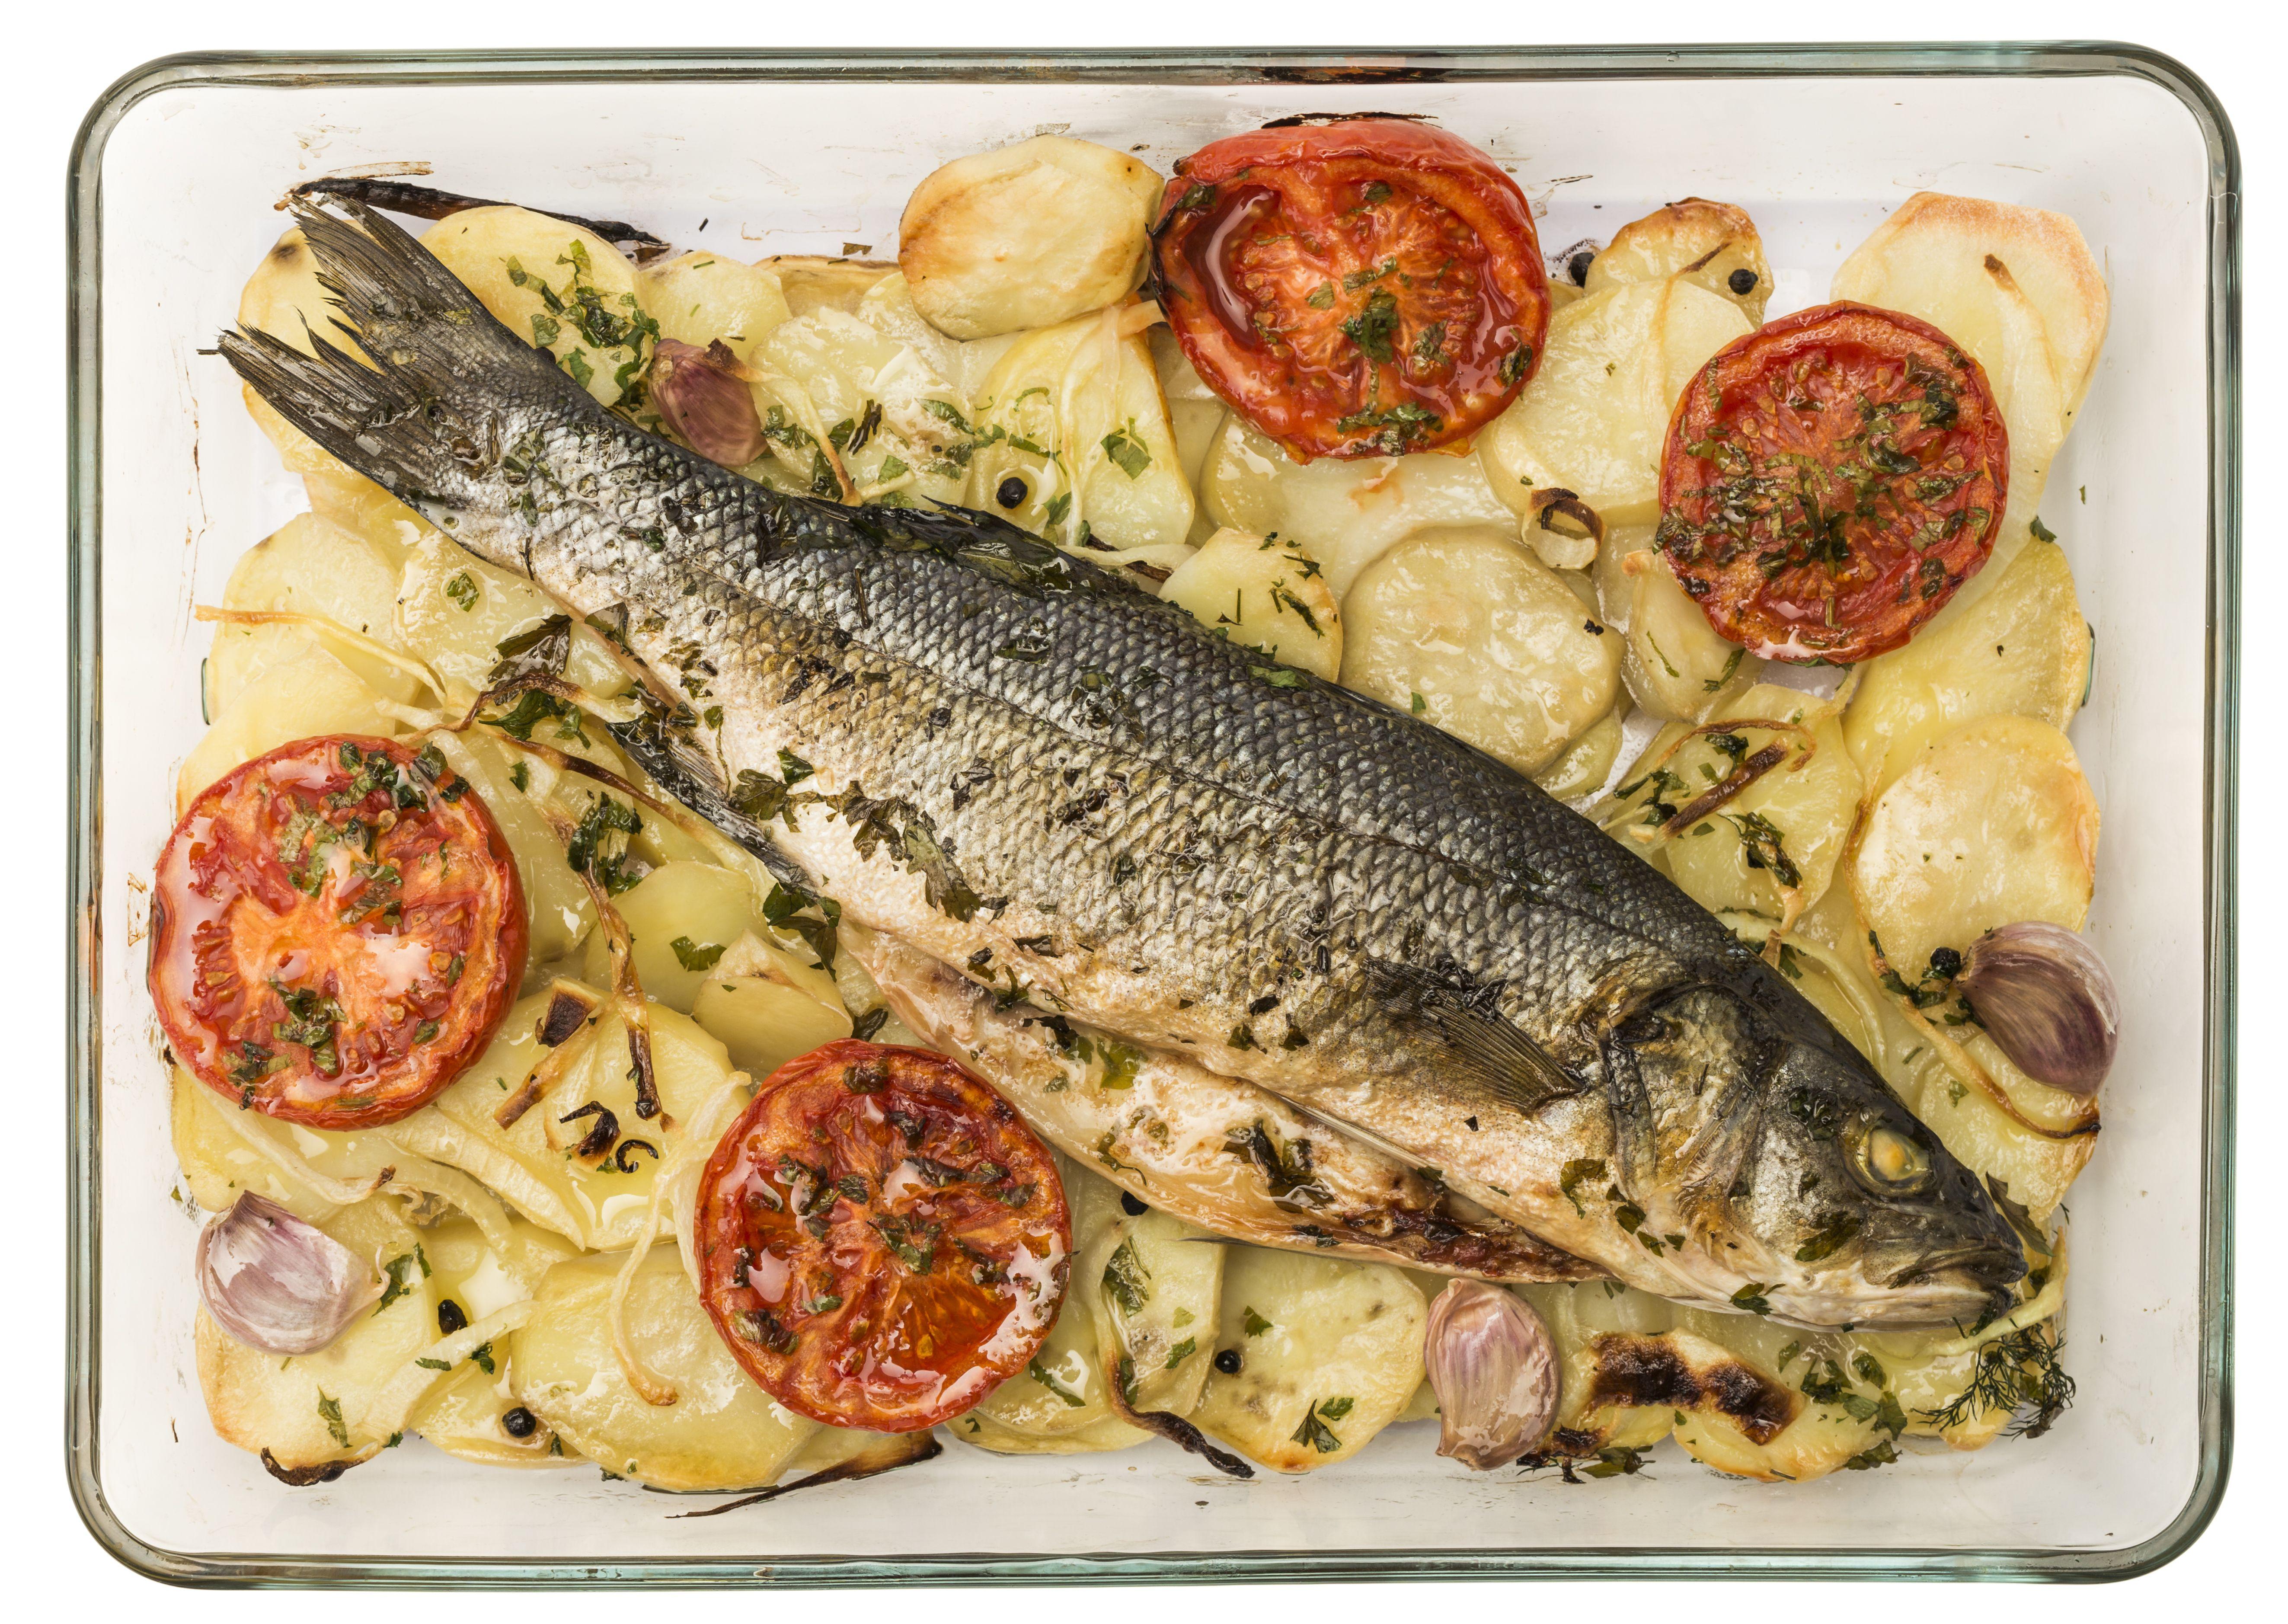 Pescados | Fish | Flisch: Carta de Restaurante La Tasca